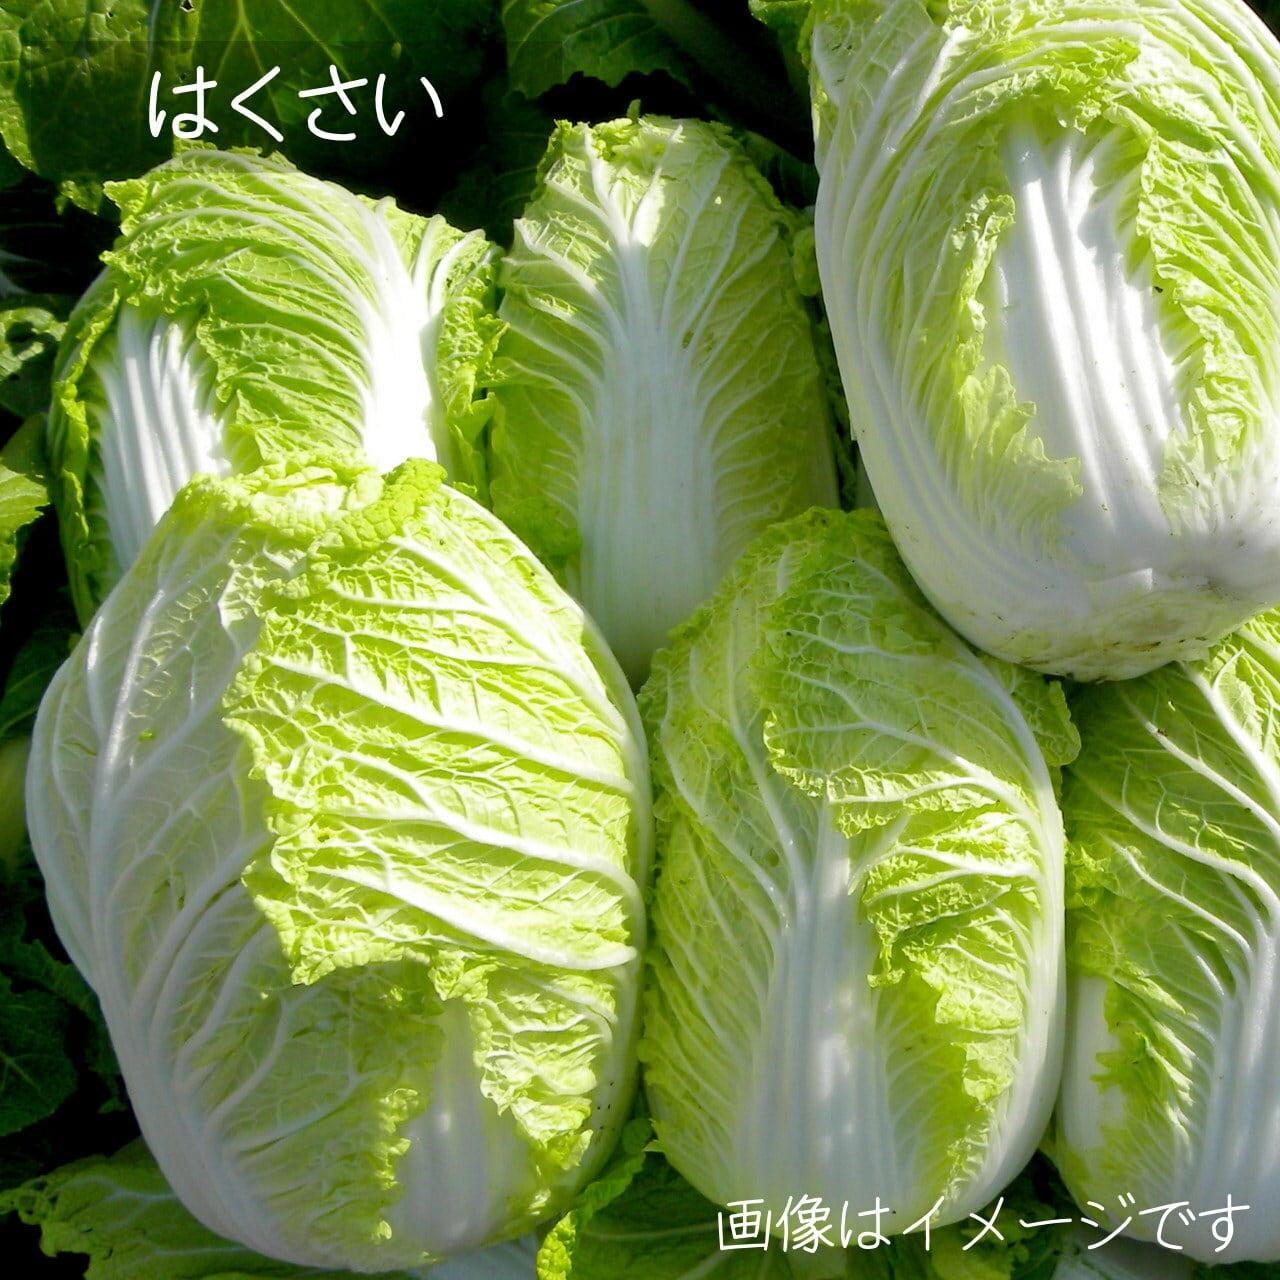 11月の朝採り直売野菜 : 白菜 1個 新鮮な冬野菜 11月28日発送予定